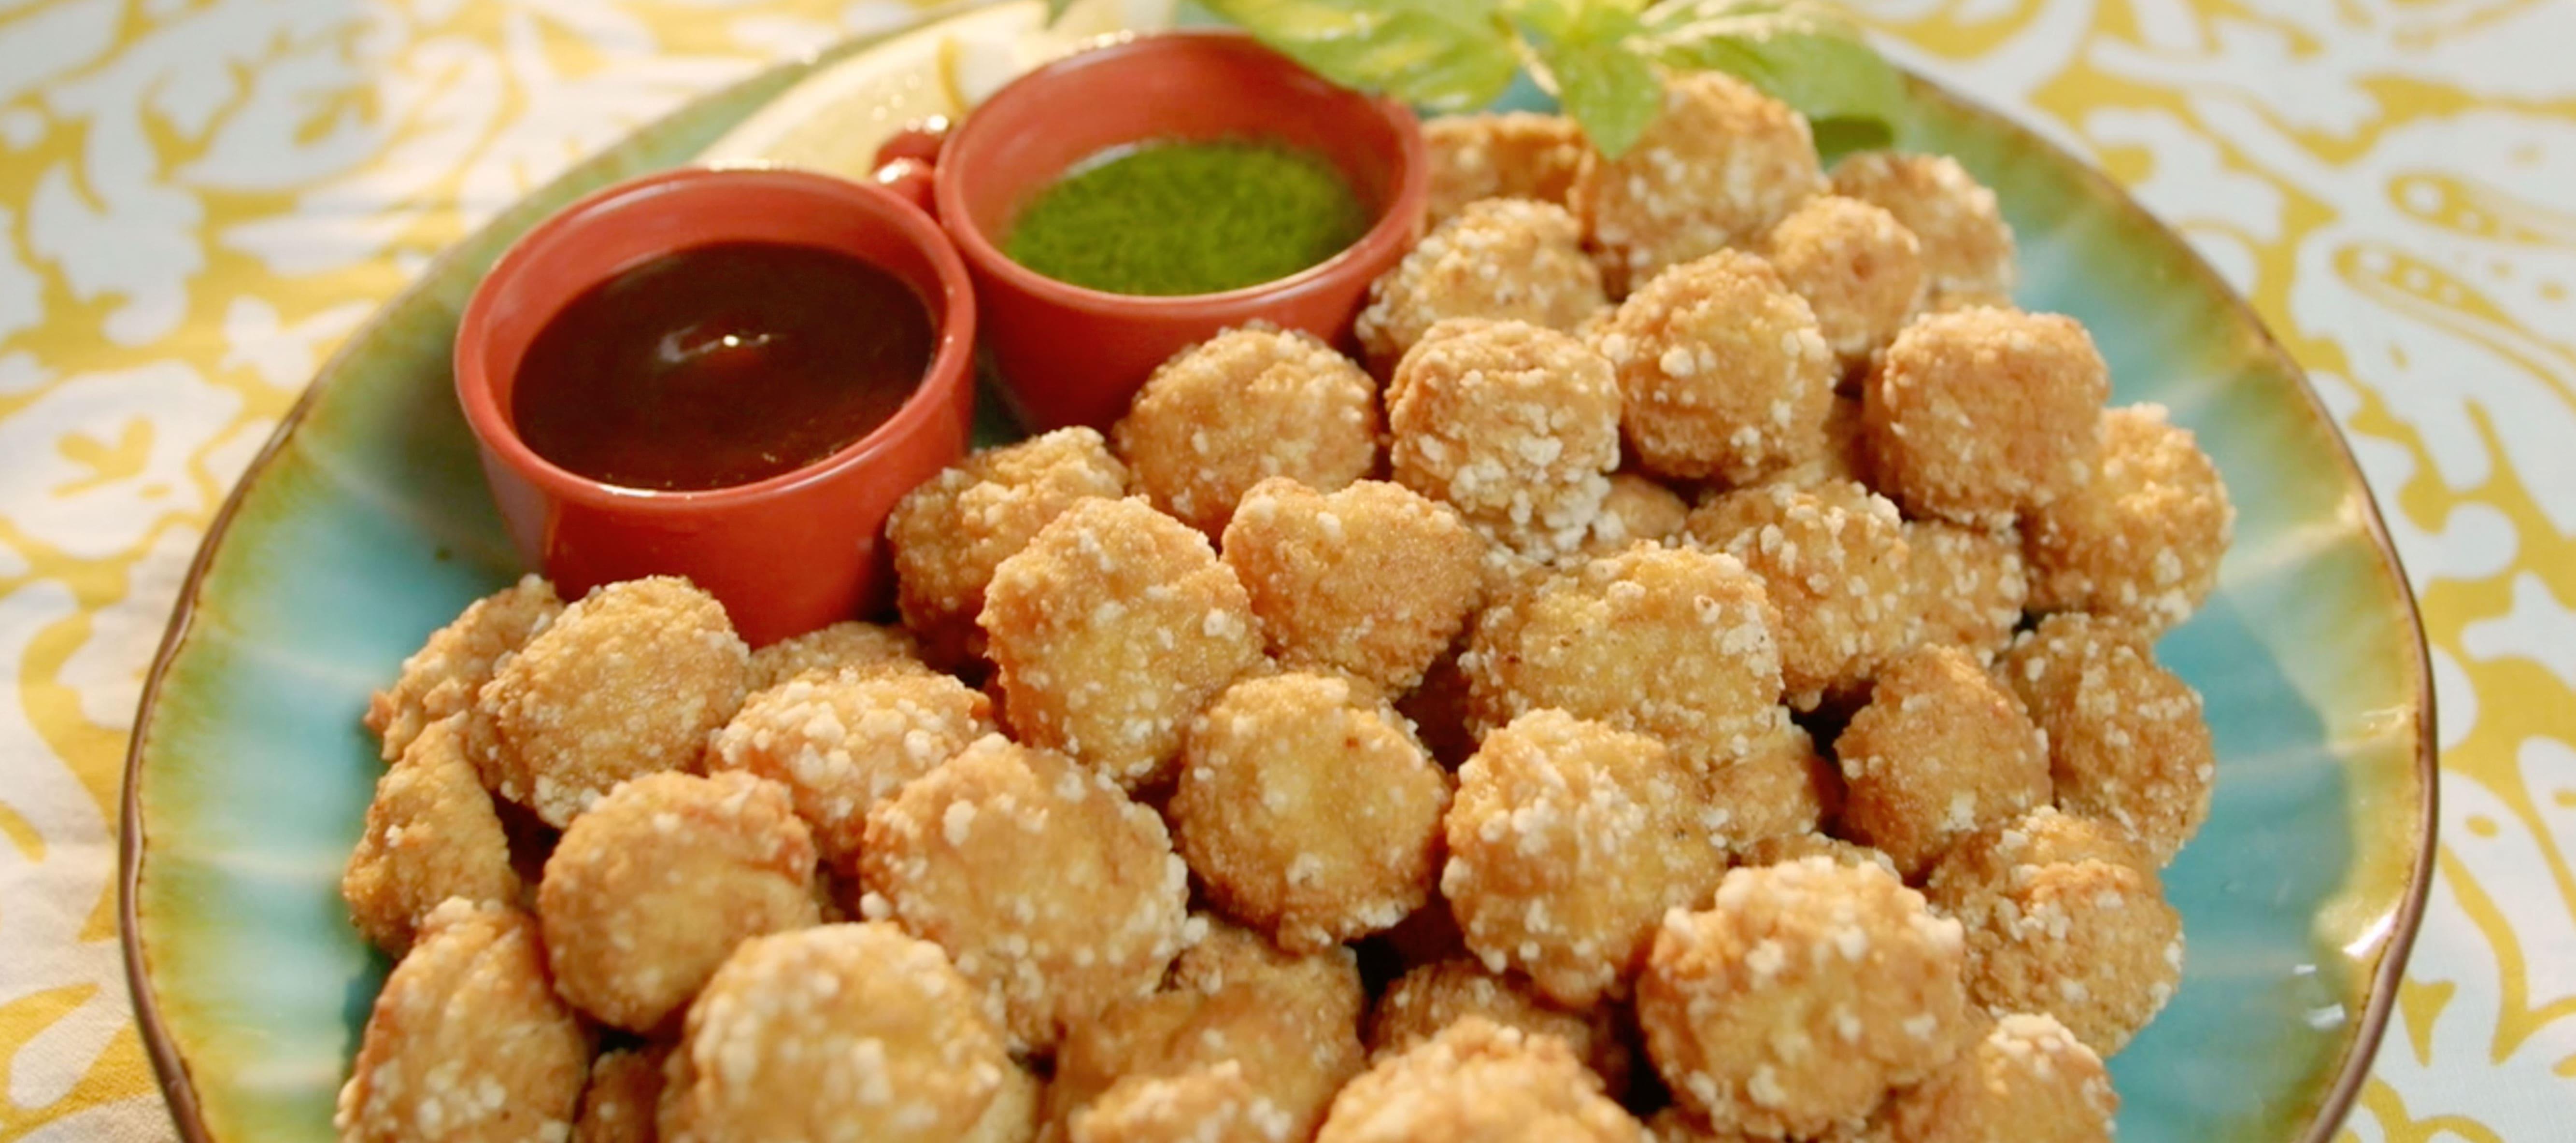 Popcorn nuggets de pollo con salsas